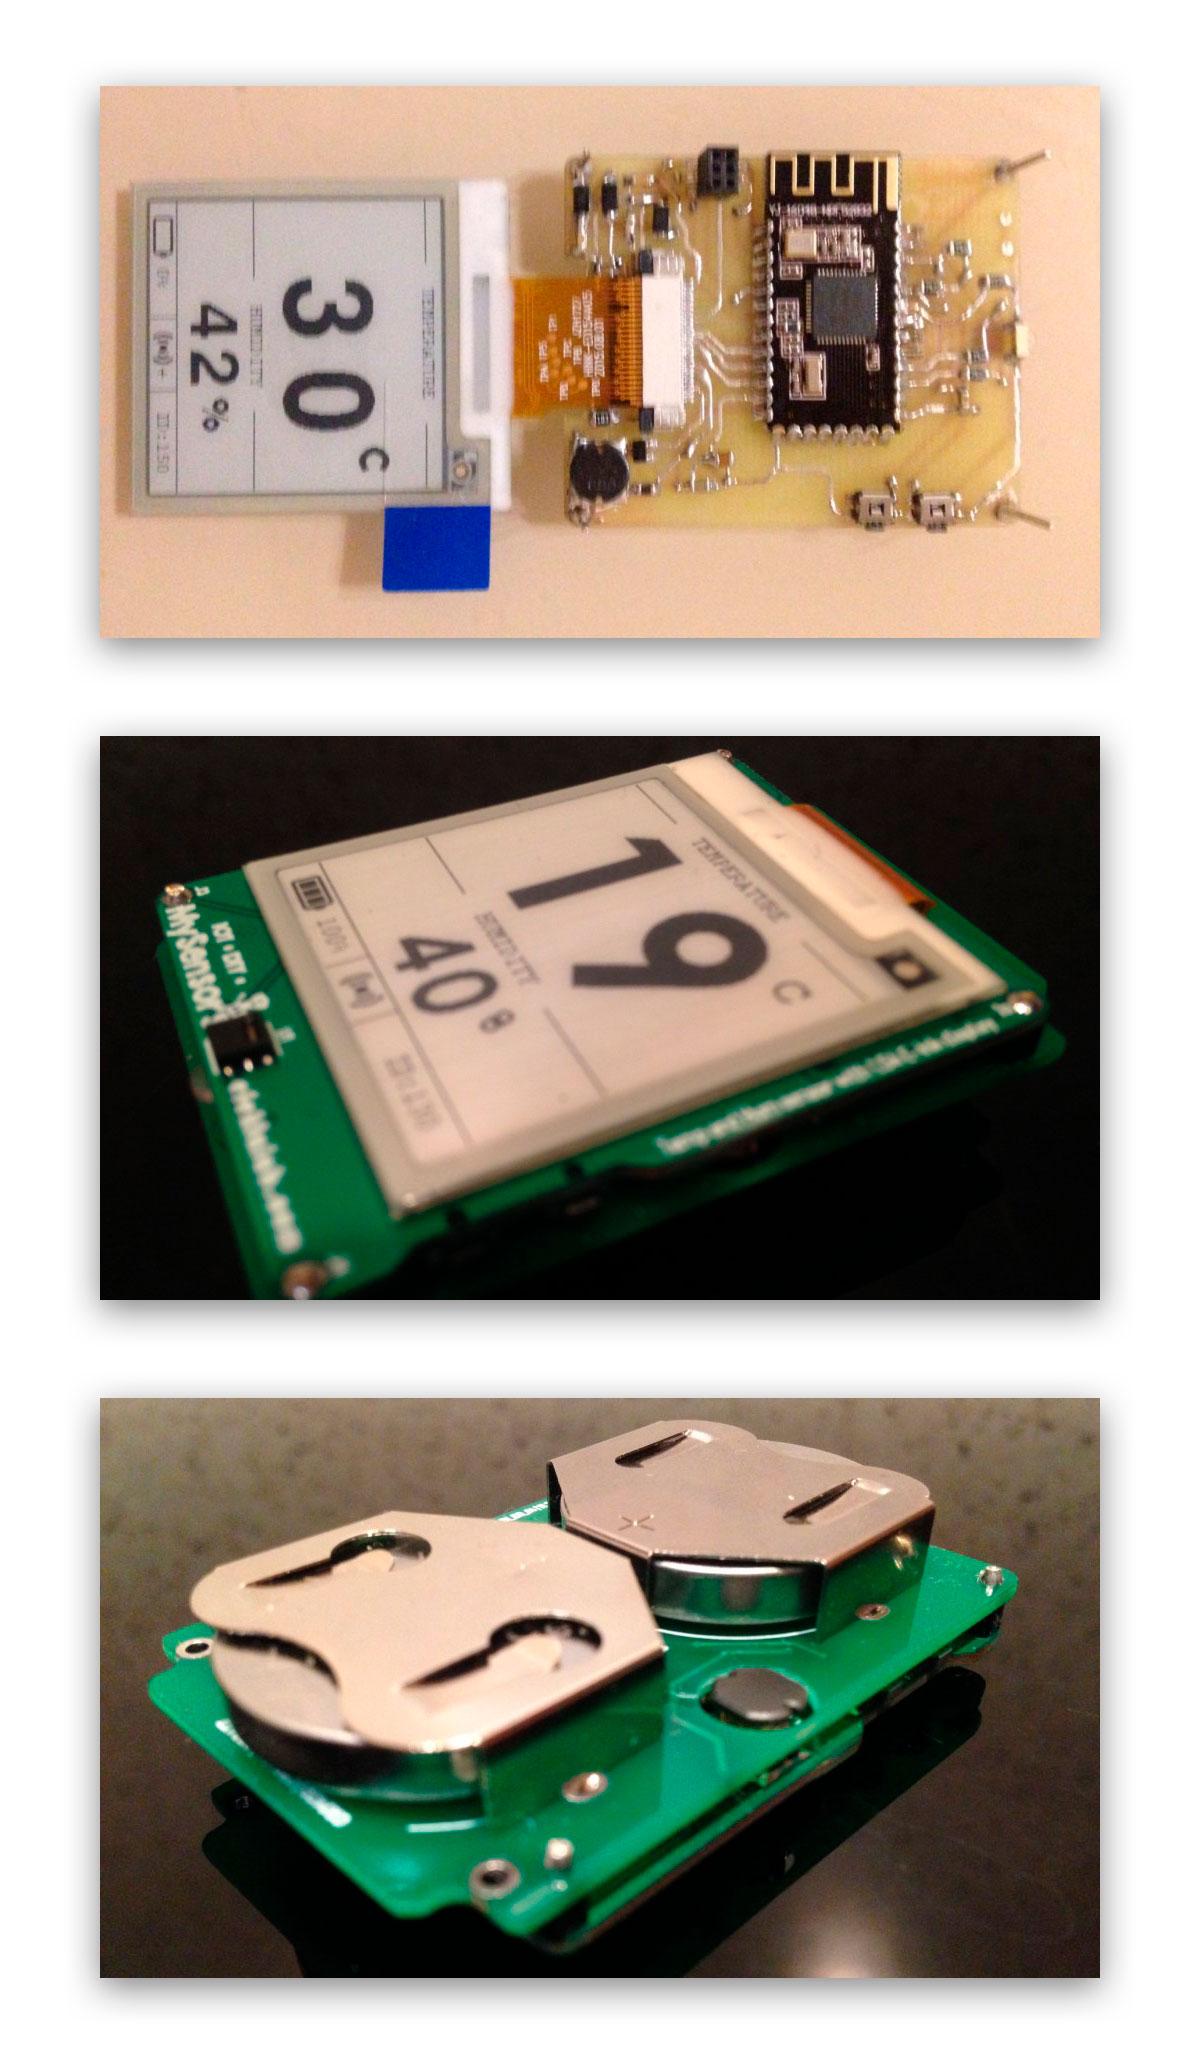 Беспроводной DIY датчик температуры и влажности с e-paper дисплеем - 3